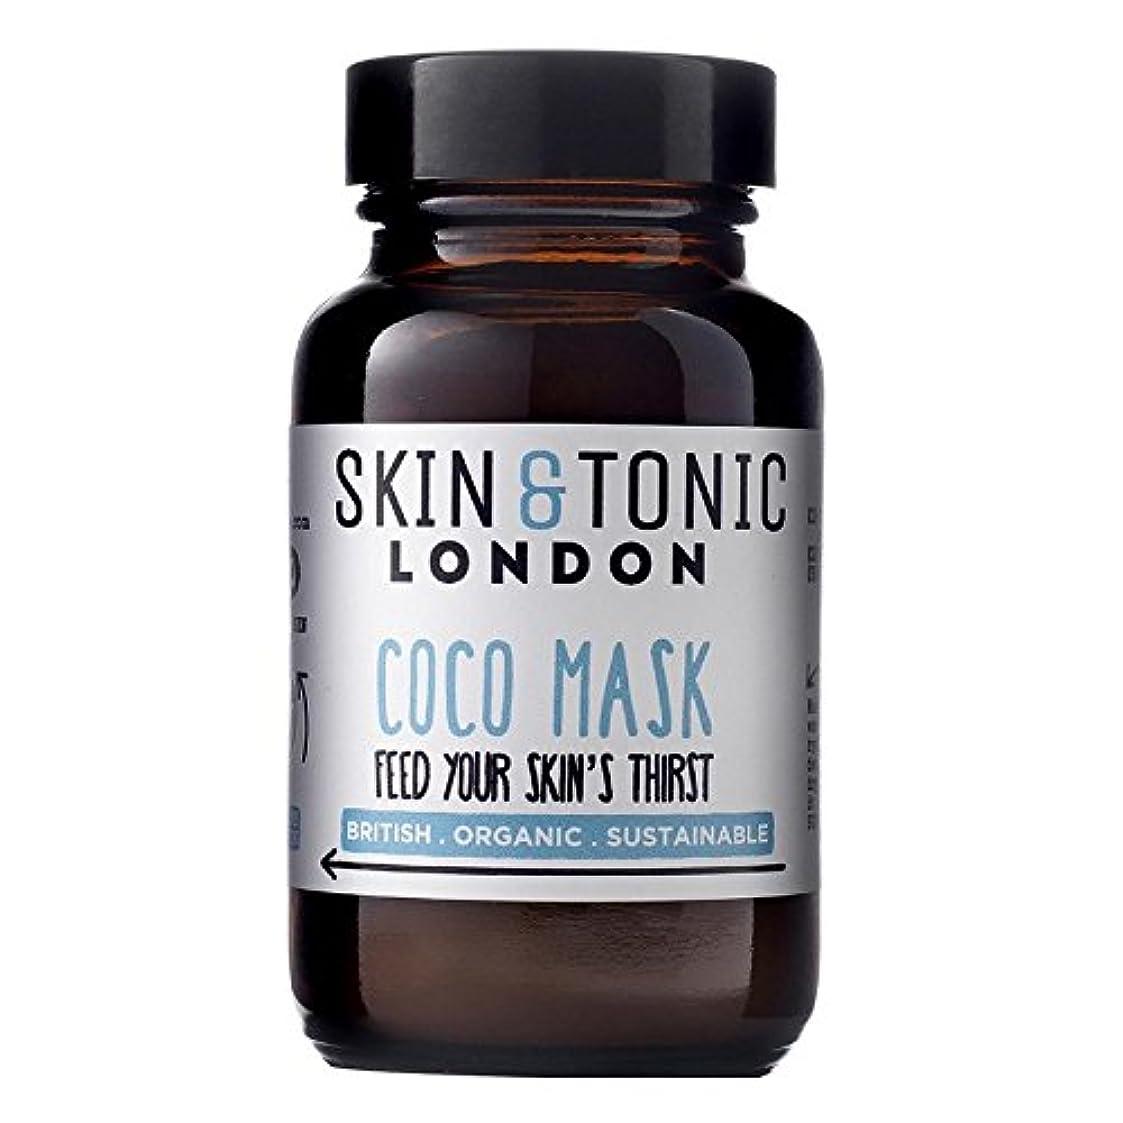 苦しめるトレイル素晴らしきスキン&トニックロンドンココマスク50グラム x2 - Skin & Tonic London Coco Mask 50g (Pack of 2) [並行輸入品]